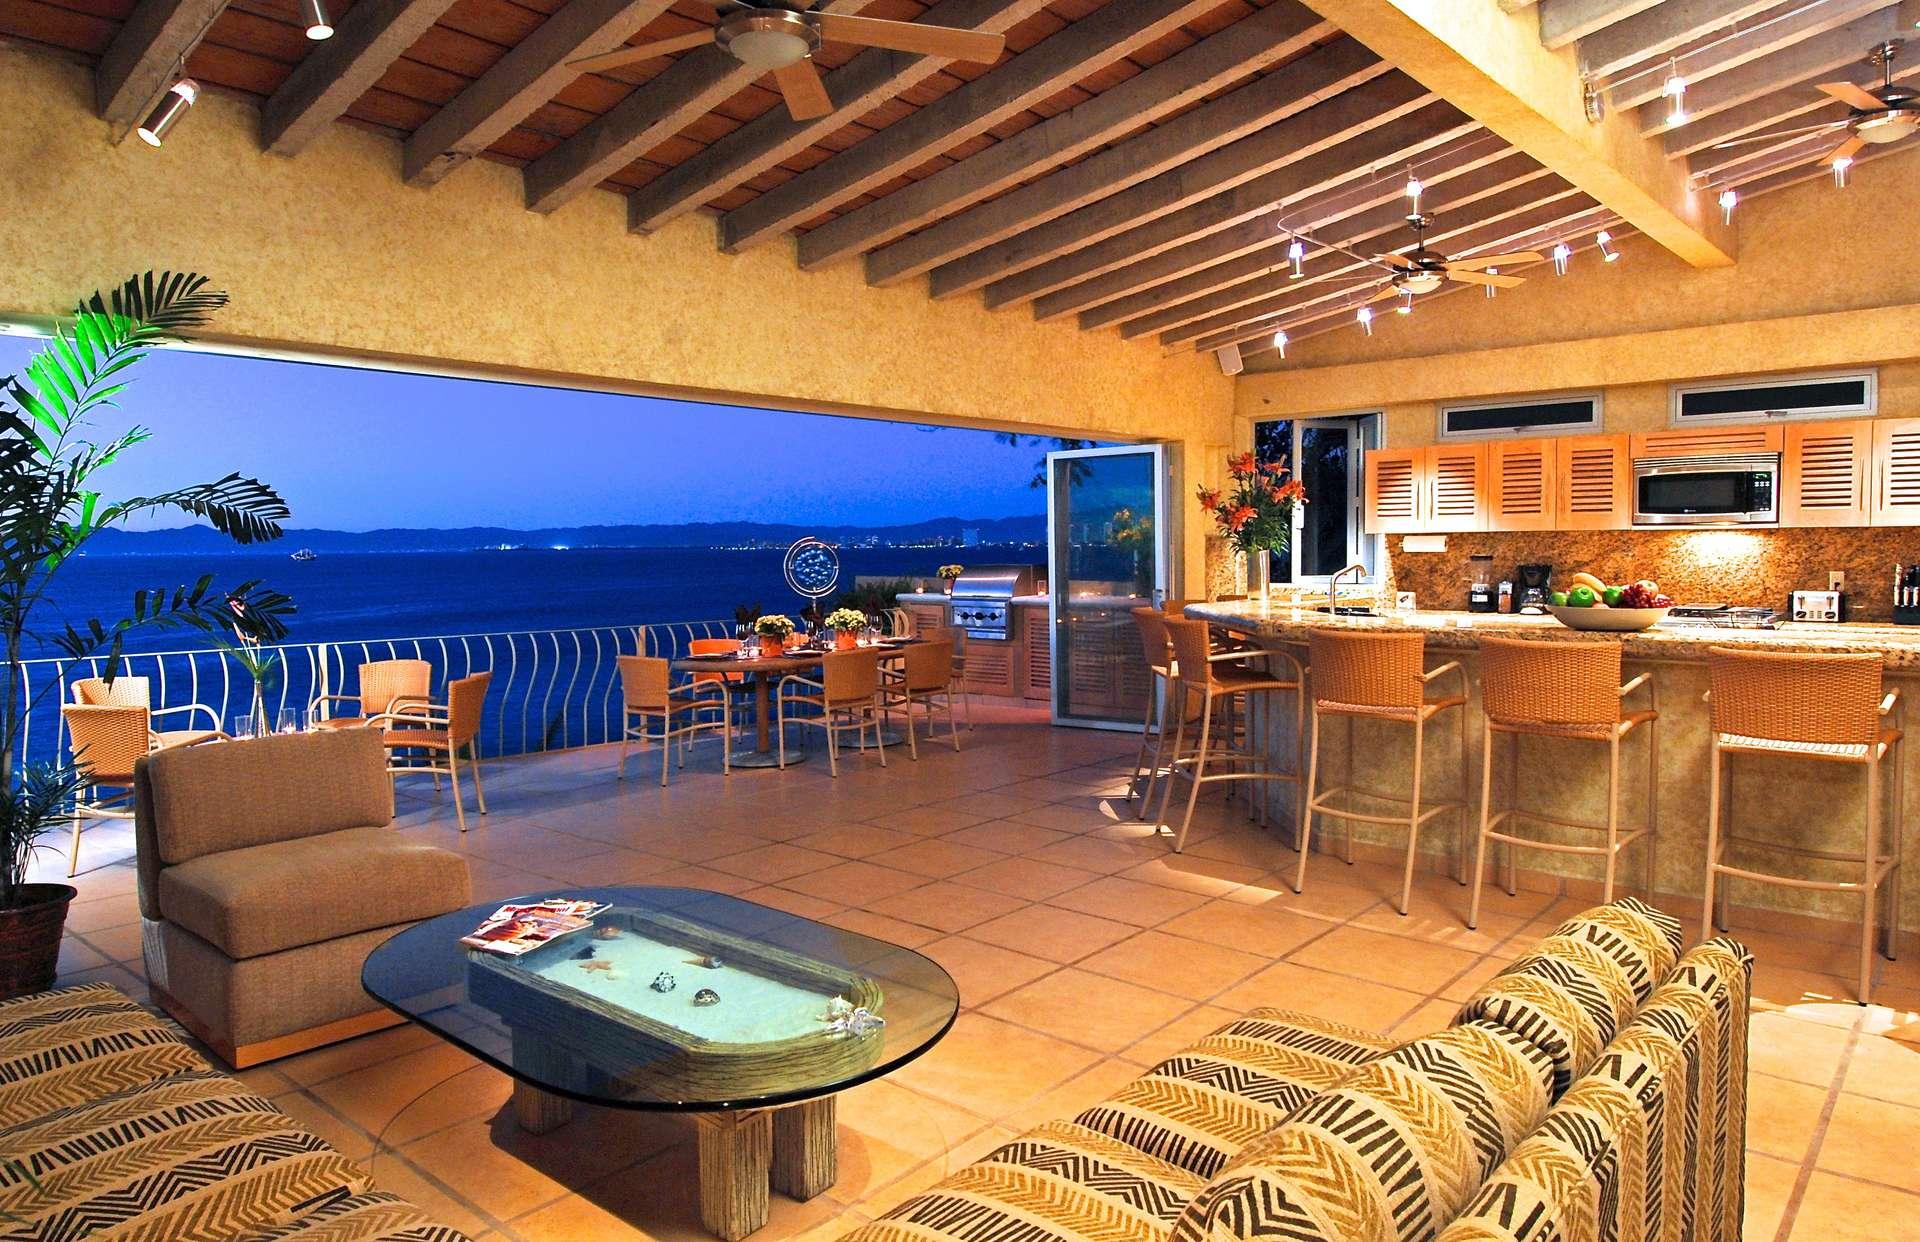 Luxury vacation rentals mexico - Puerto vallarta - Conchas chinas - No location 4 - Villa Alegre | Puerto Vallarta Beach Club - Image 1/6